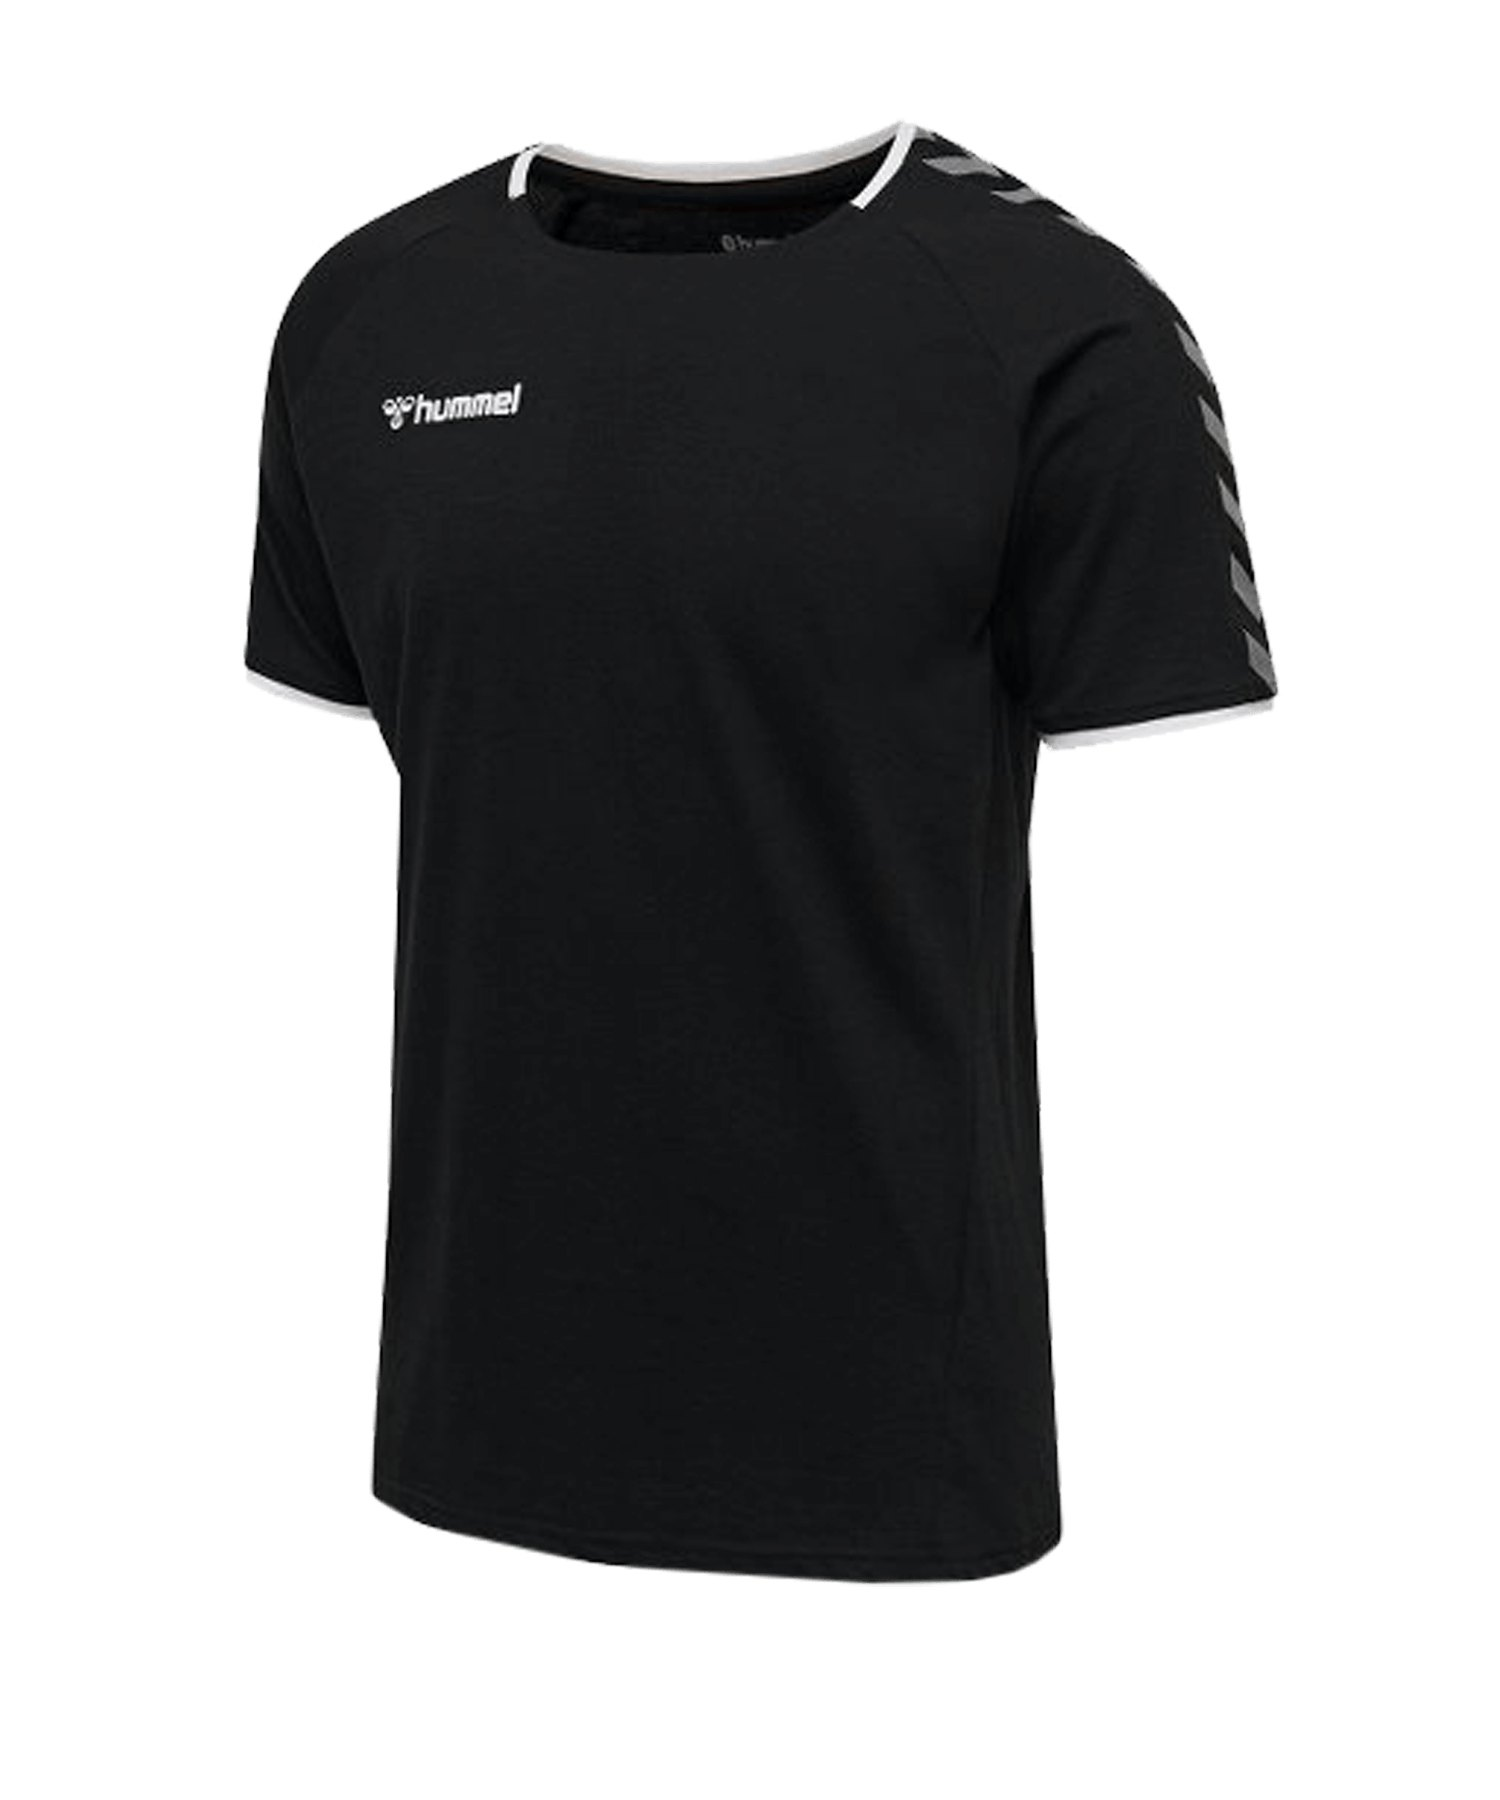 Hummel Authentic Trainingsshirt Schwarz F2114 - schwarz